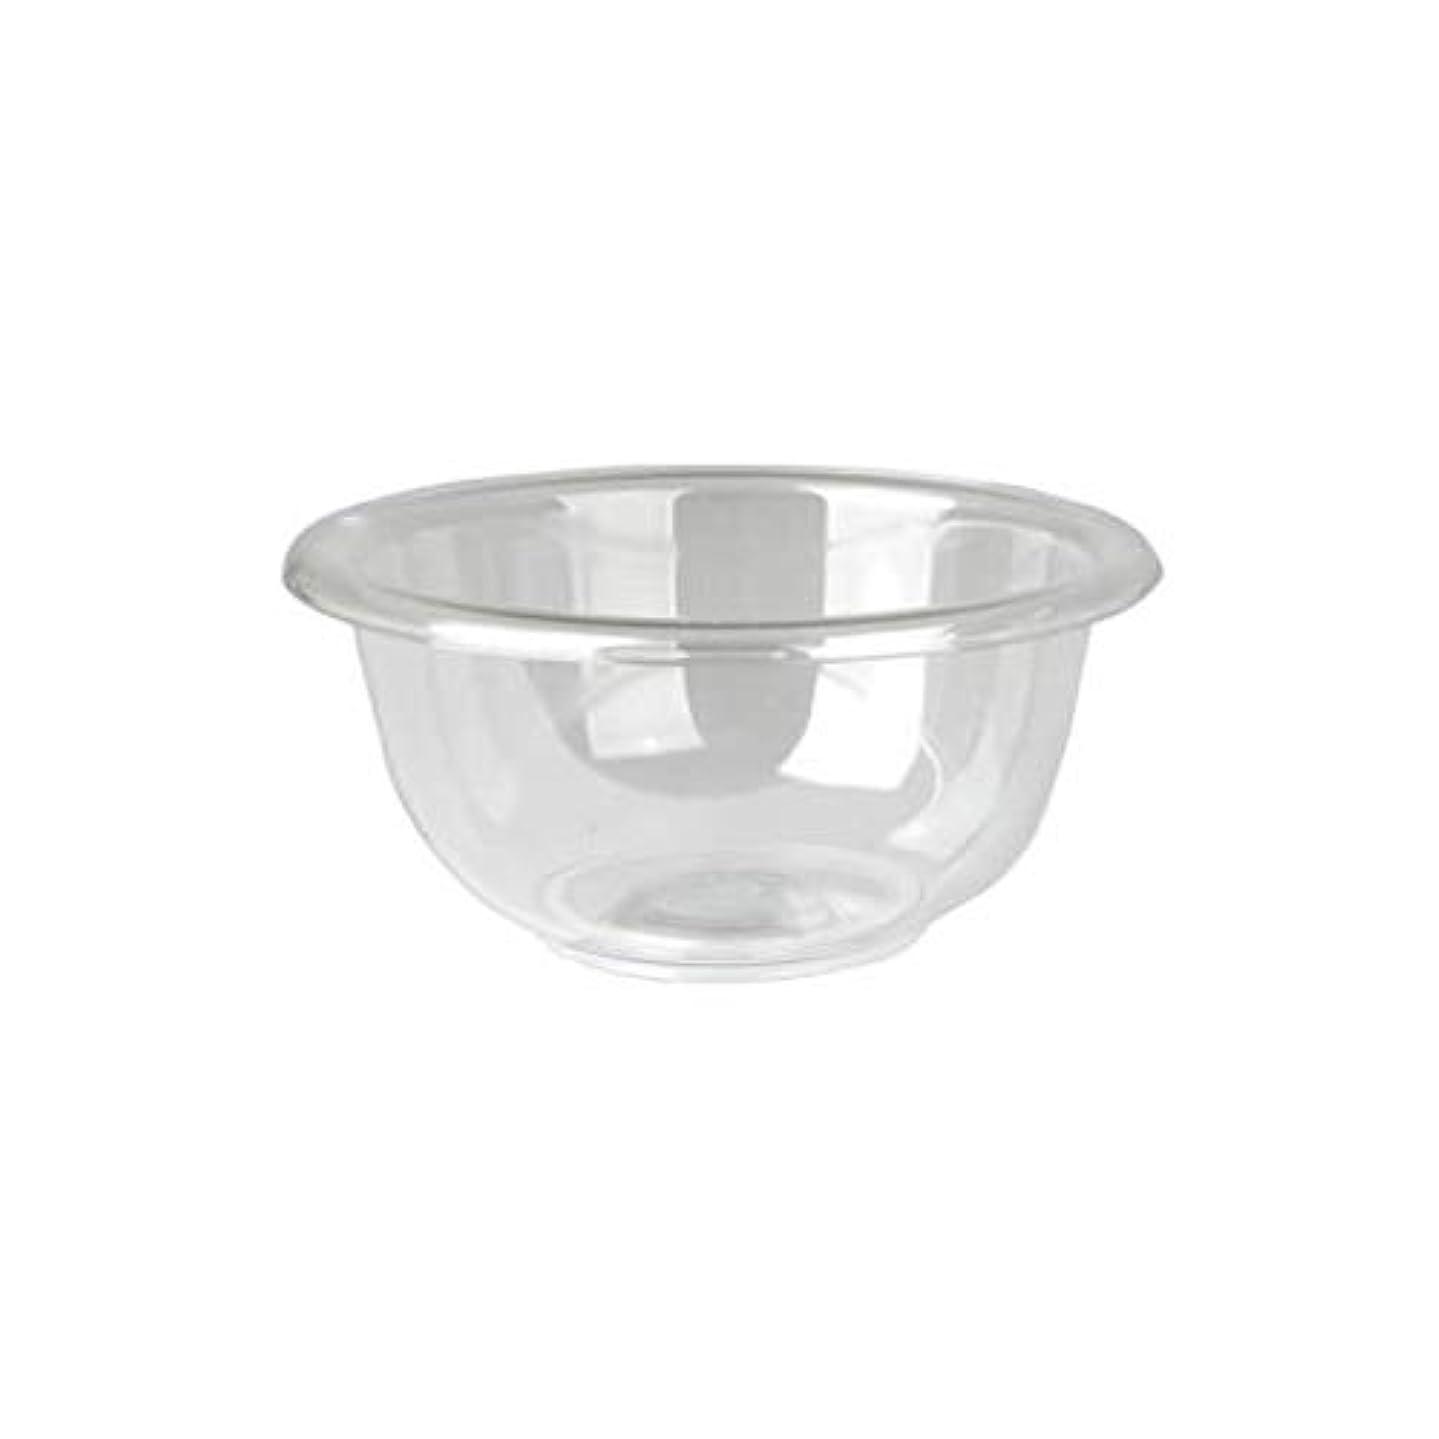 マイスター プラスティックボウル (Mサイズ) クリア 直径17cm [ プラスチックボール カップボウル カップボール エステ サロン プラスチック ボウル カップ 割れない ]